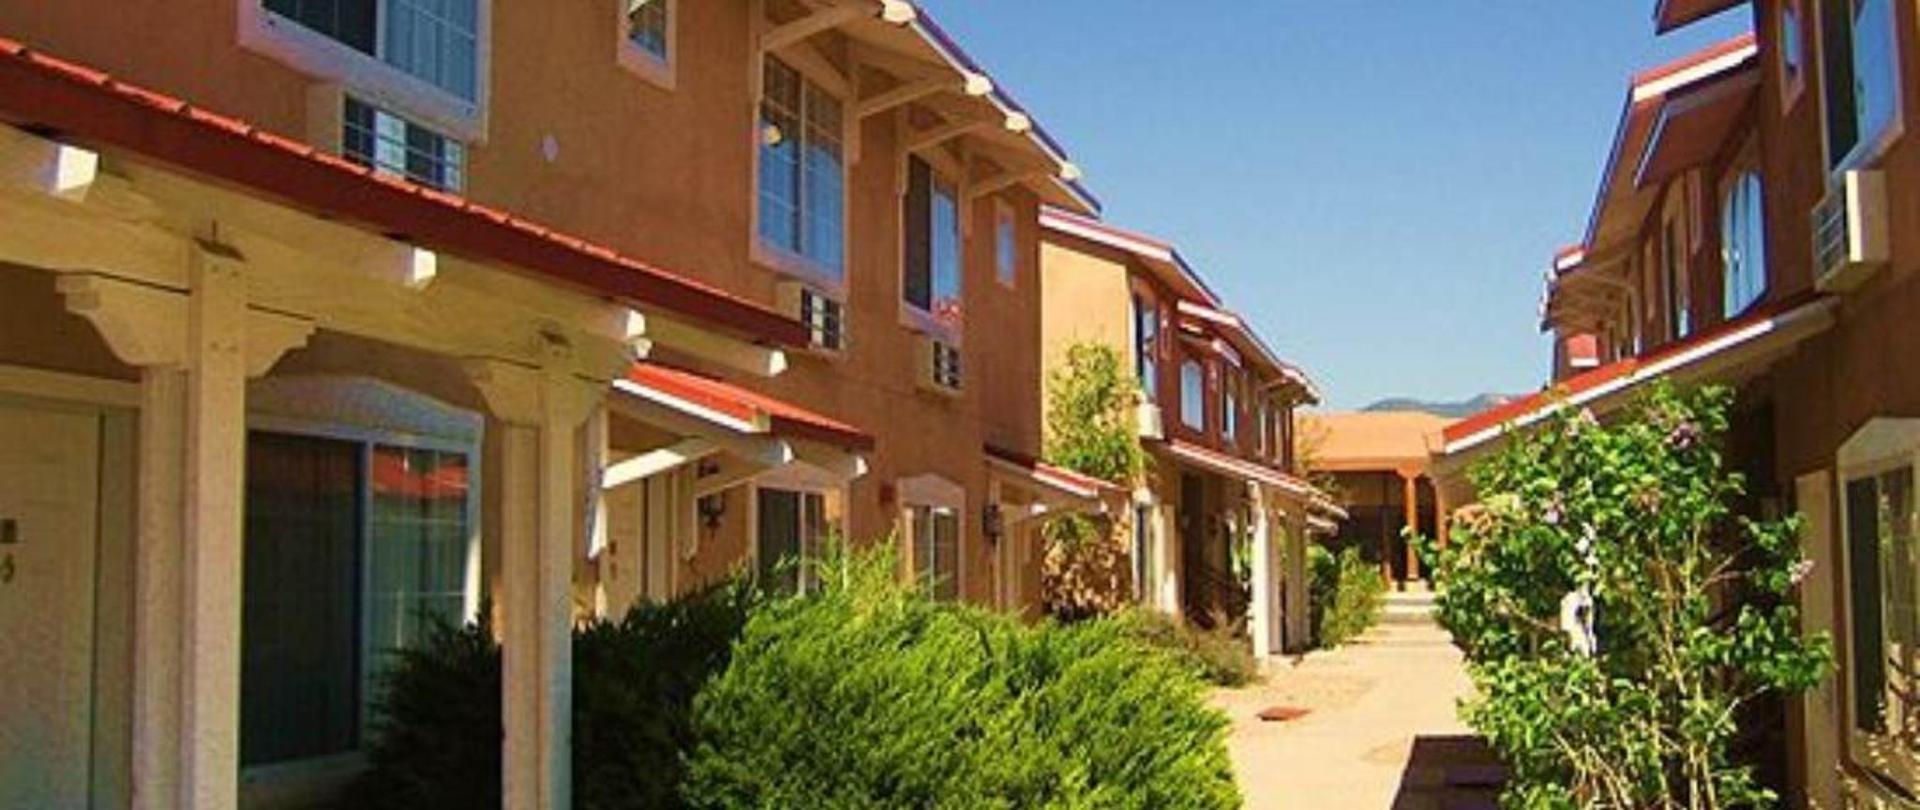 The Santa Fe Suites Official Site Condo Hotels In Santa Fe